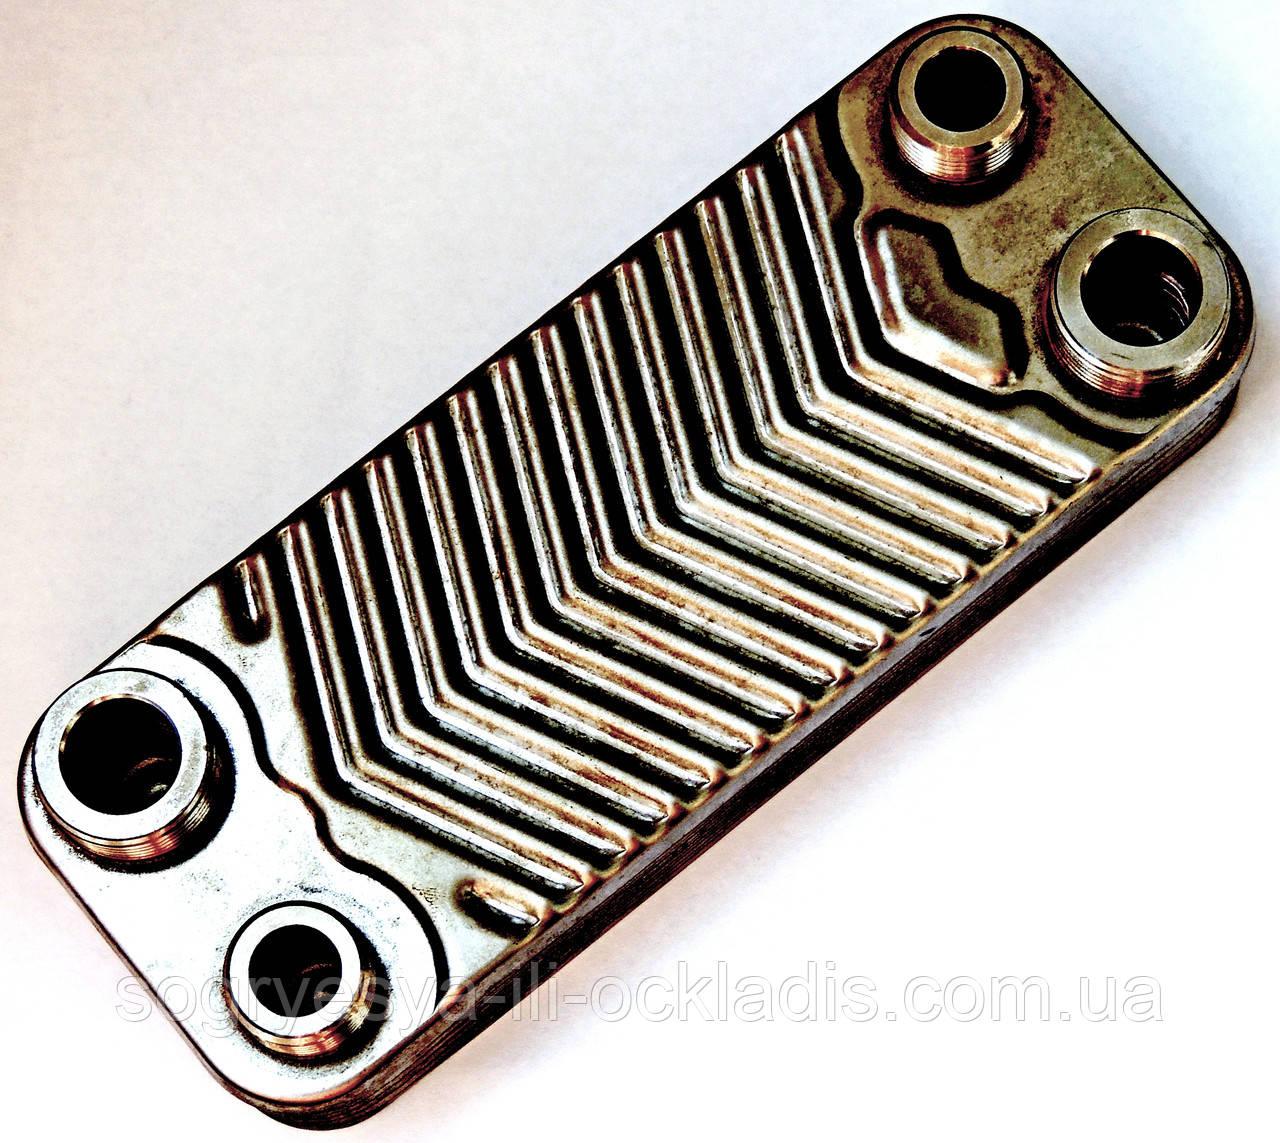 Теплообменник гвс пластина теплообменник м10 отопление